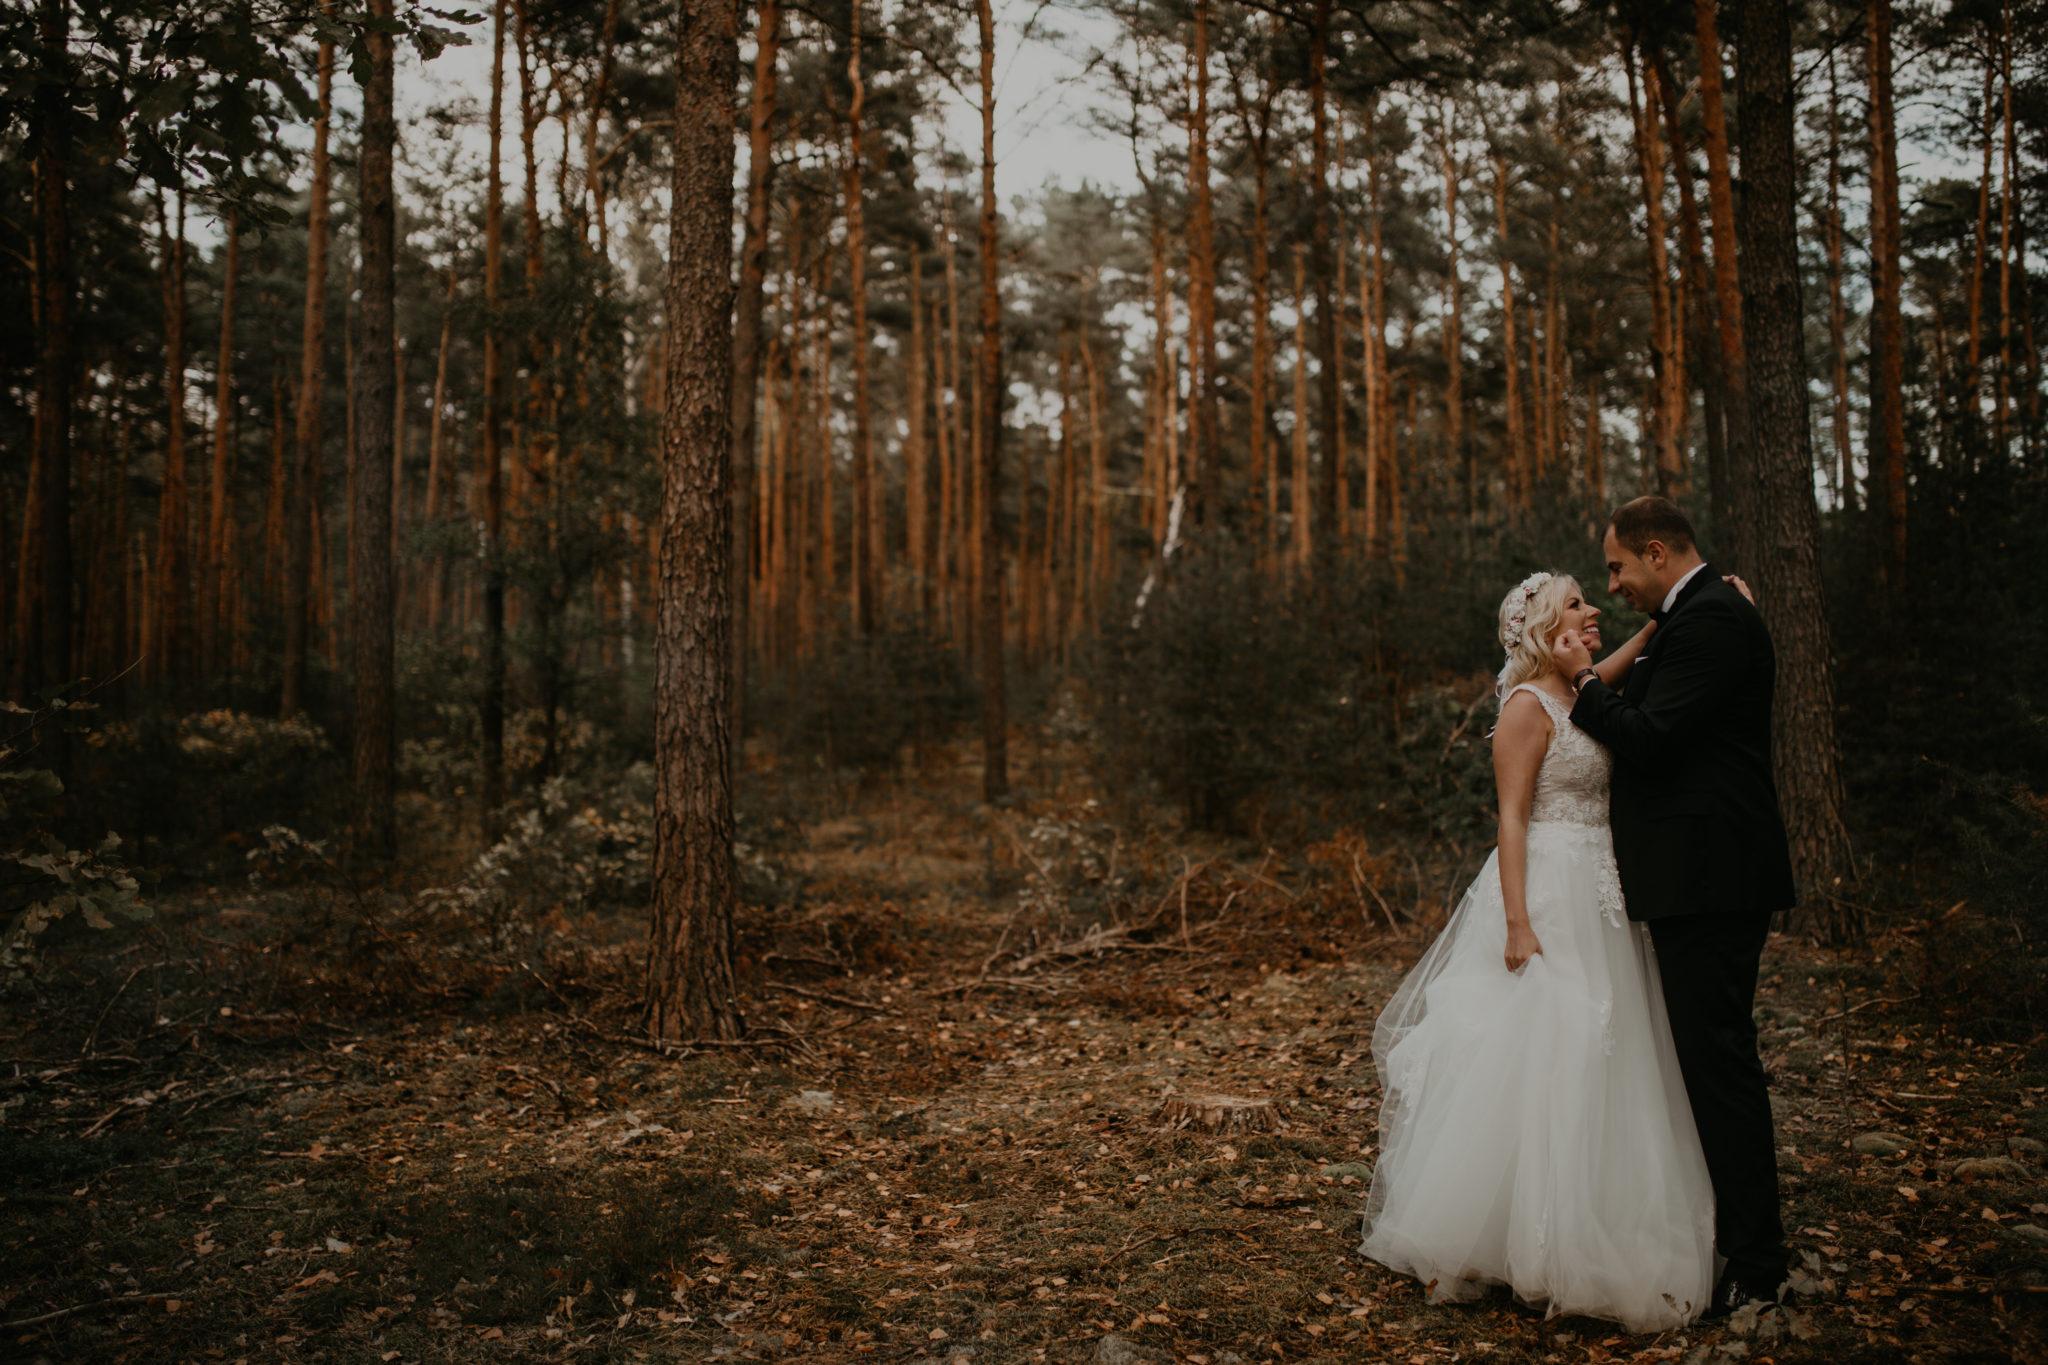 asia i mateuszplener 22 - fotografiaam Fotografia ślubna RK wedding